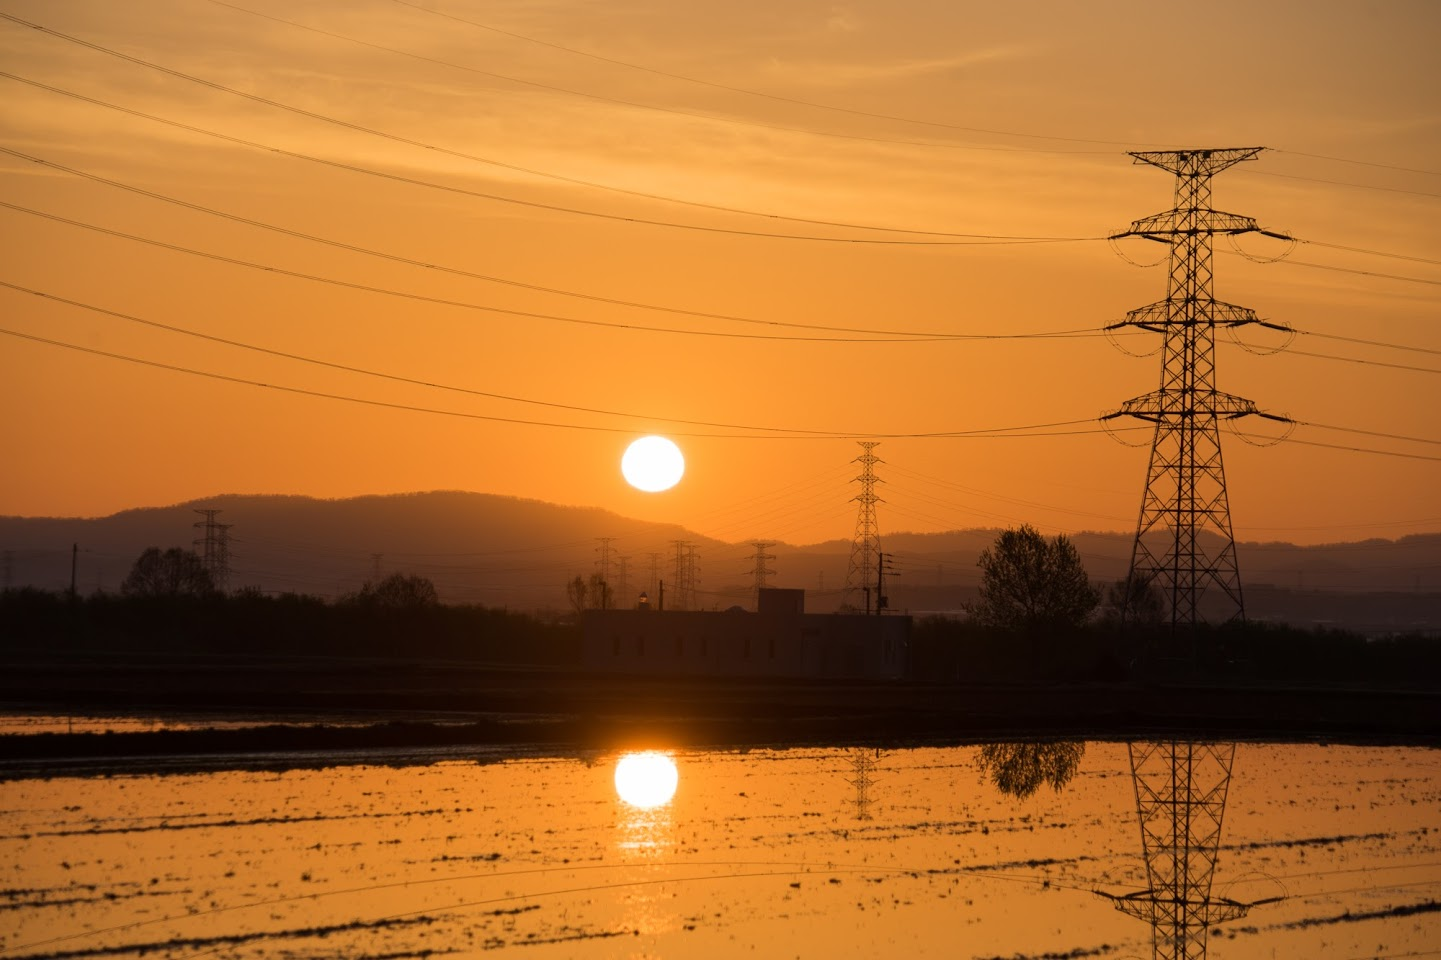 田んぼに写り込んだ朝陽